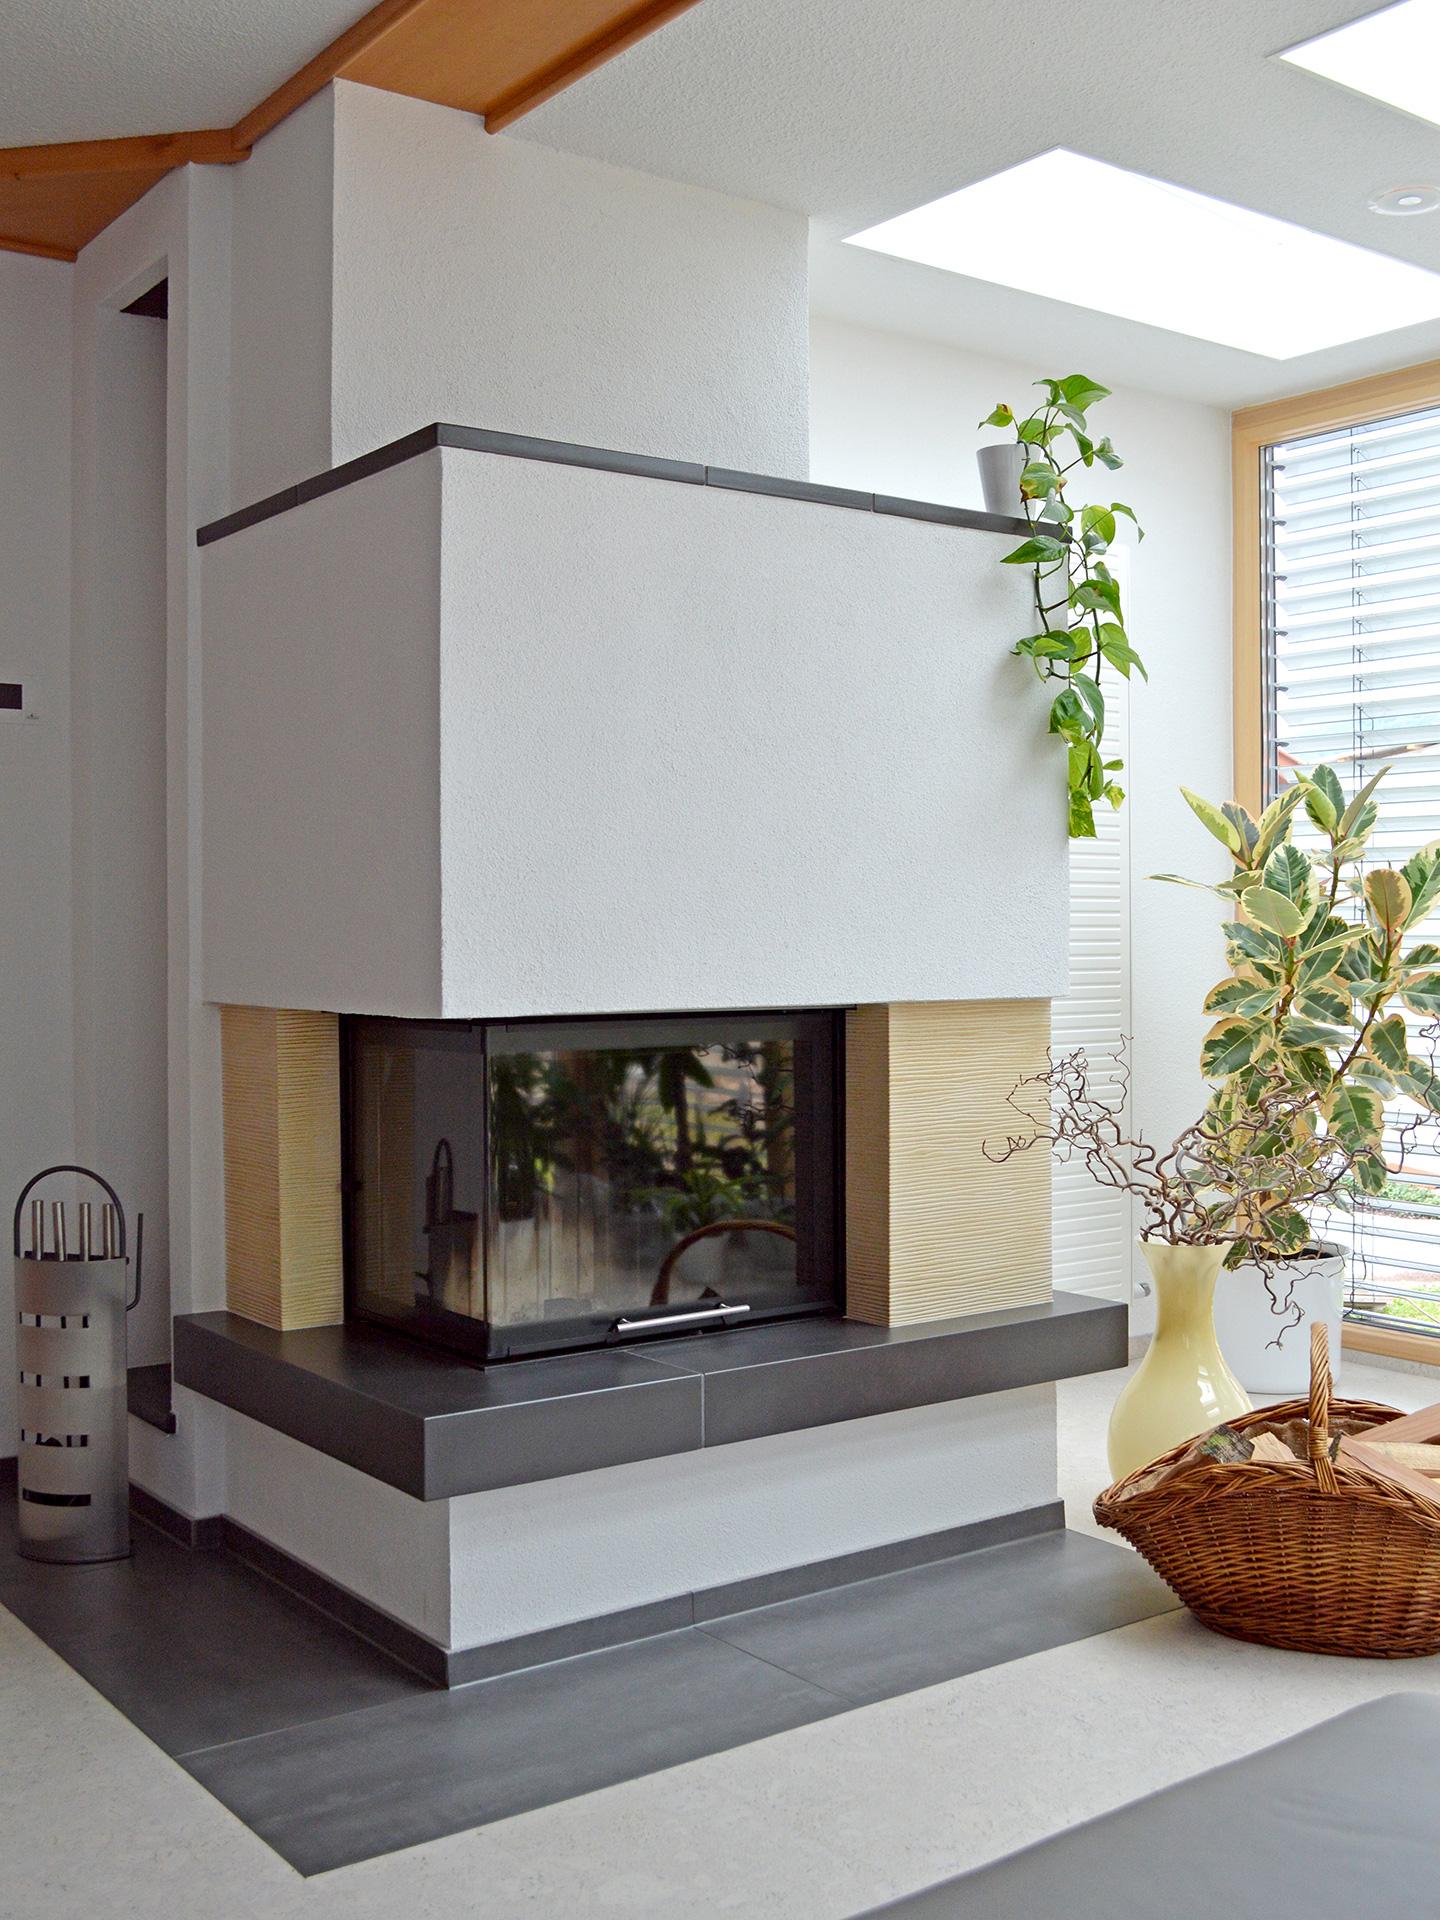 Referenz Ofen- und Kaminbau, Bild 0150